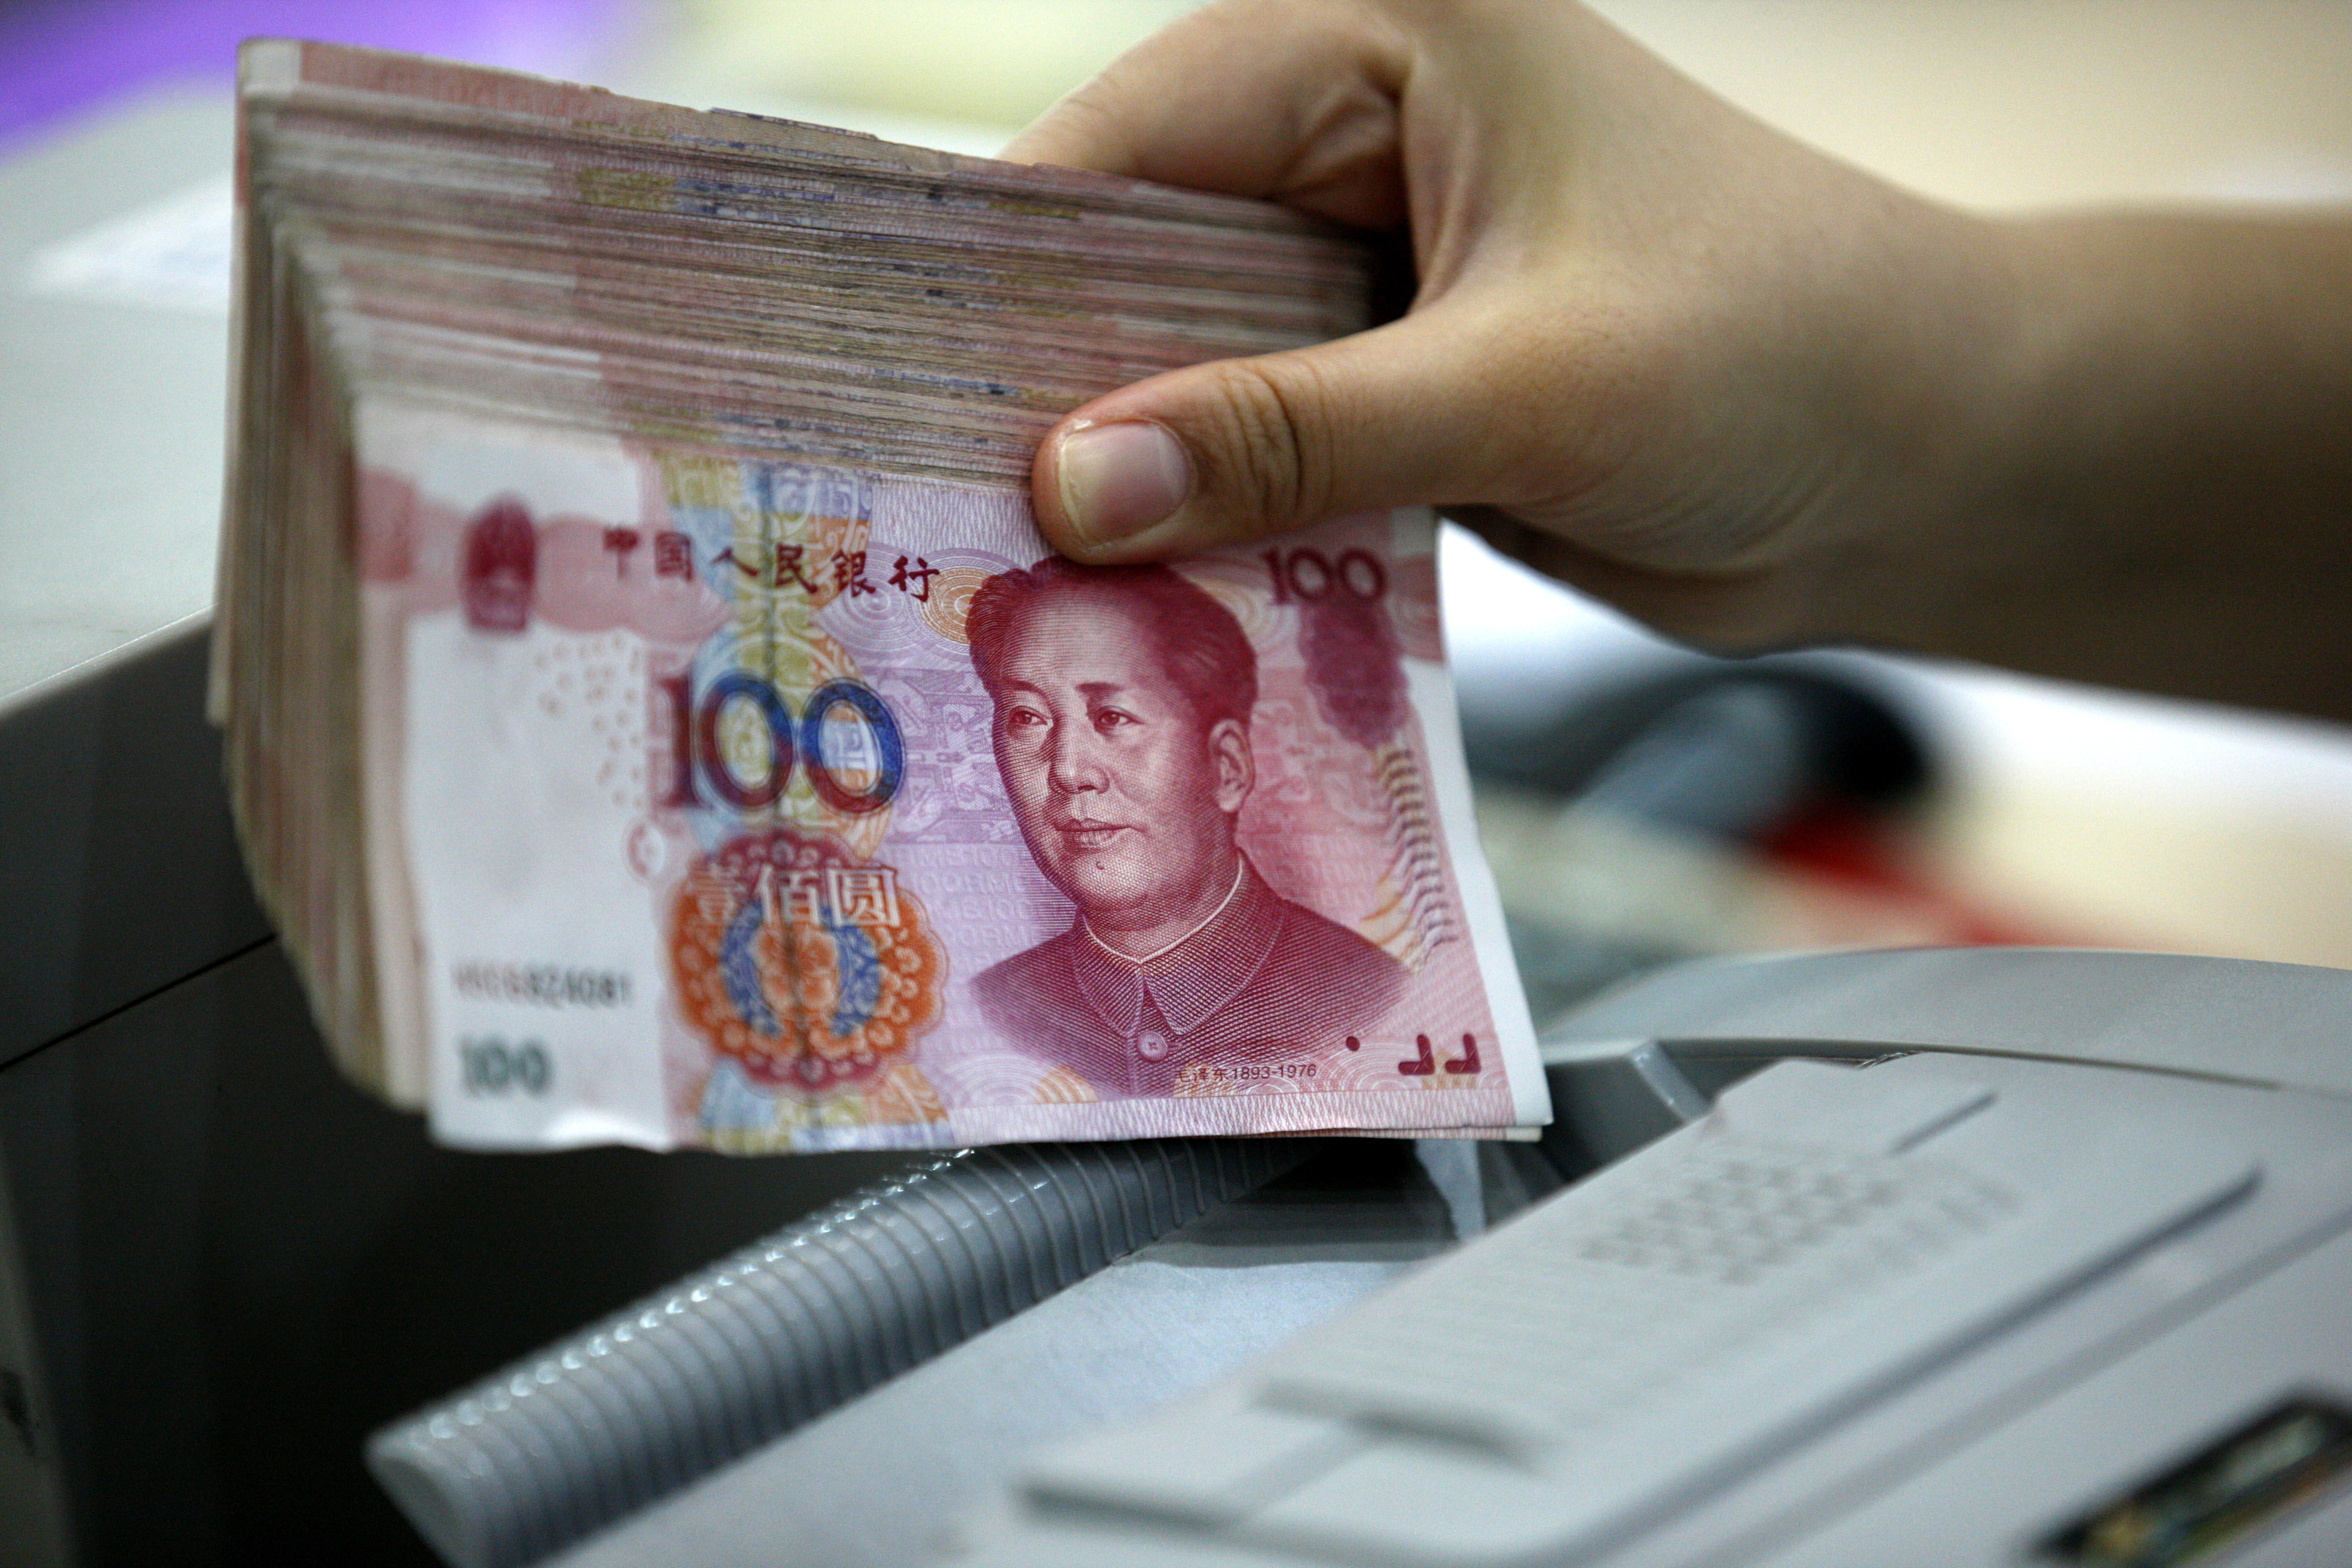 人民币纳入SDR成第5大国际货币 明年10月起生效